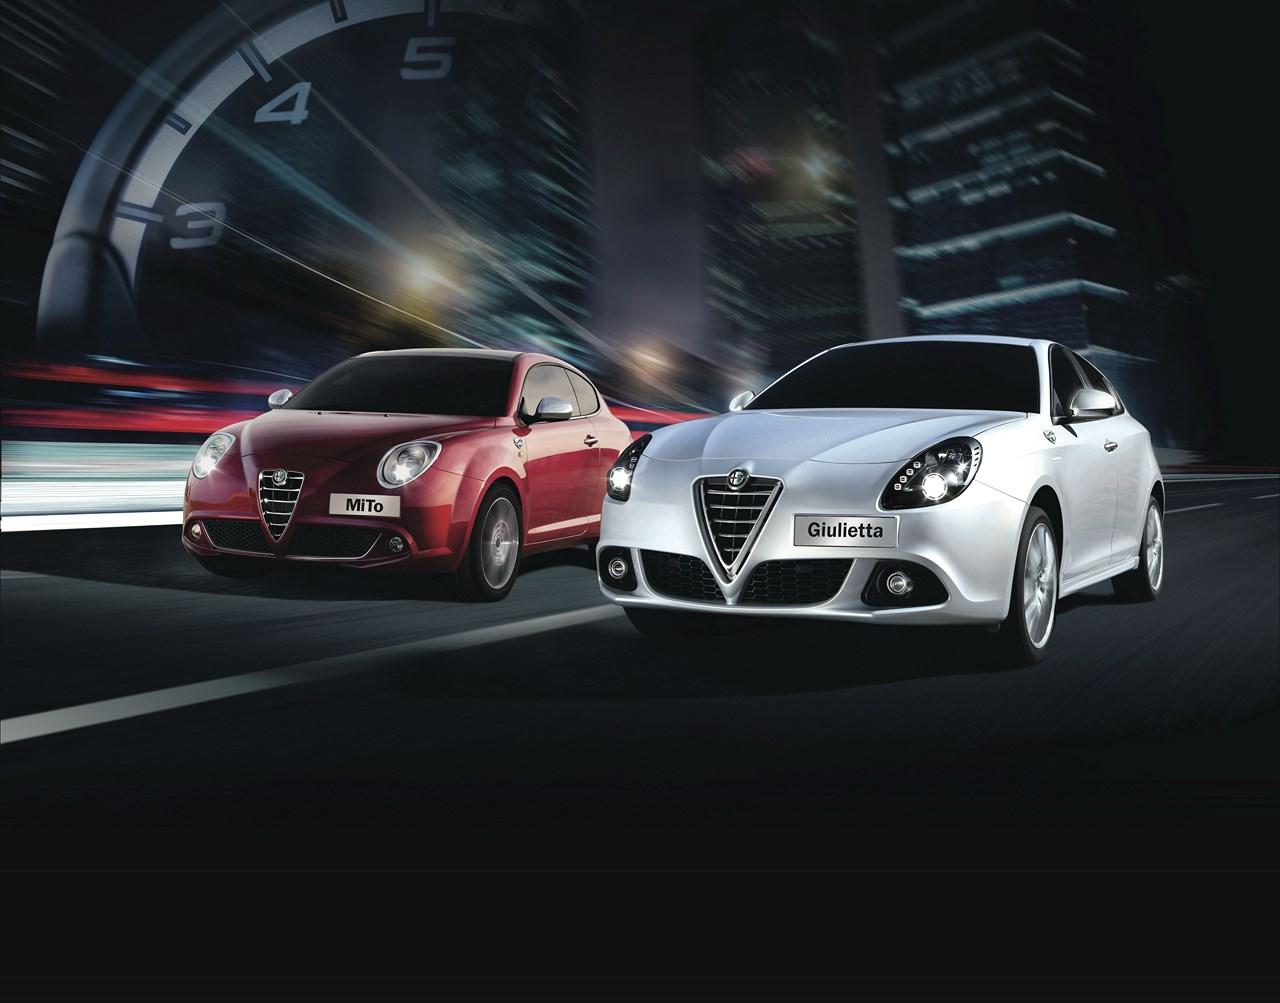 Nouvelles séries spéciales Alfa Roméo MiTo et Giulietta Trofeo : Retour aux sources.